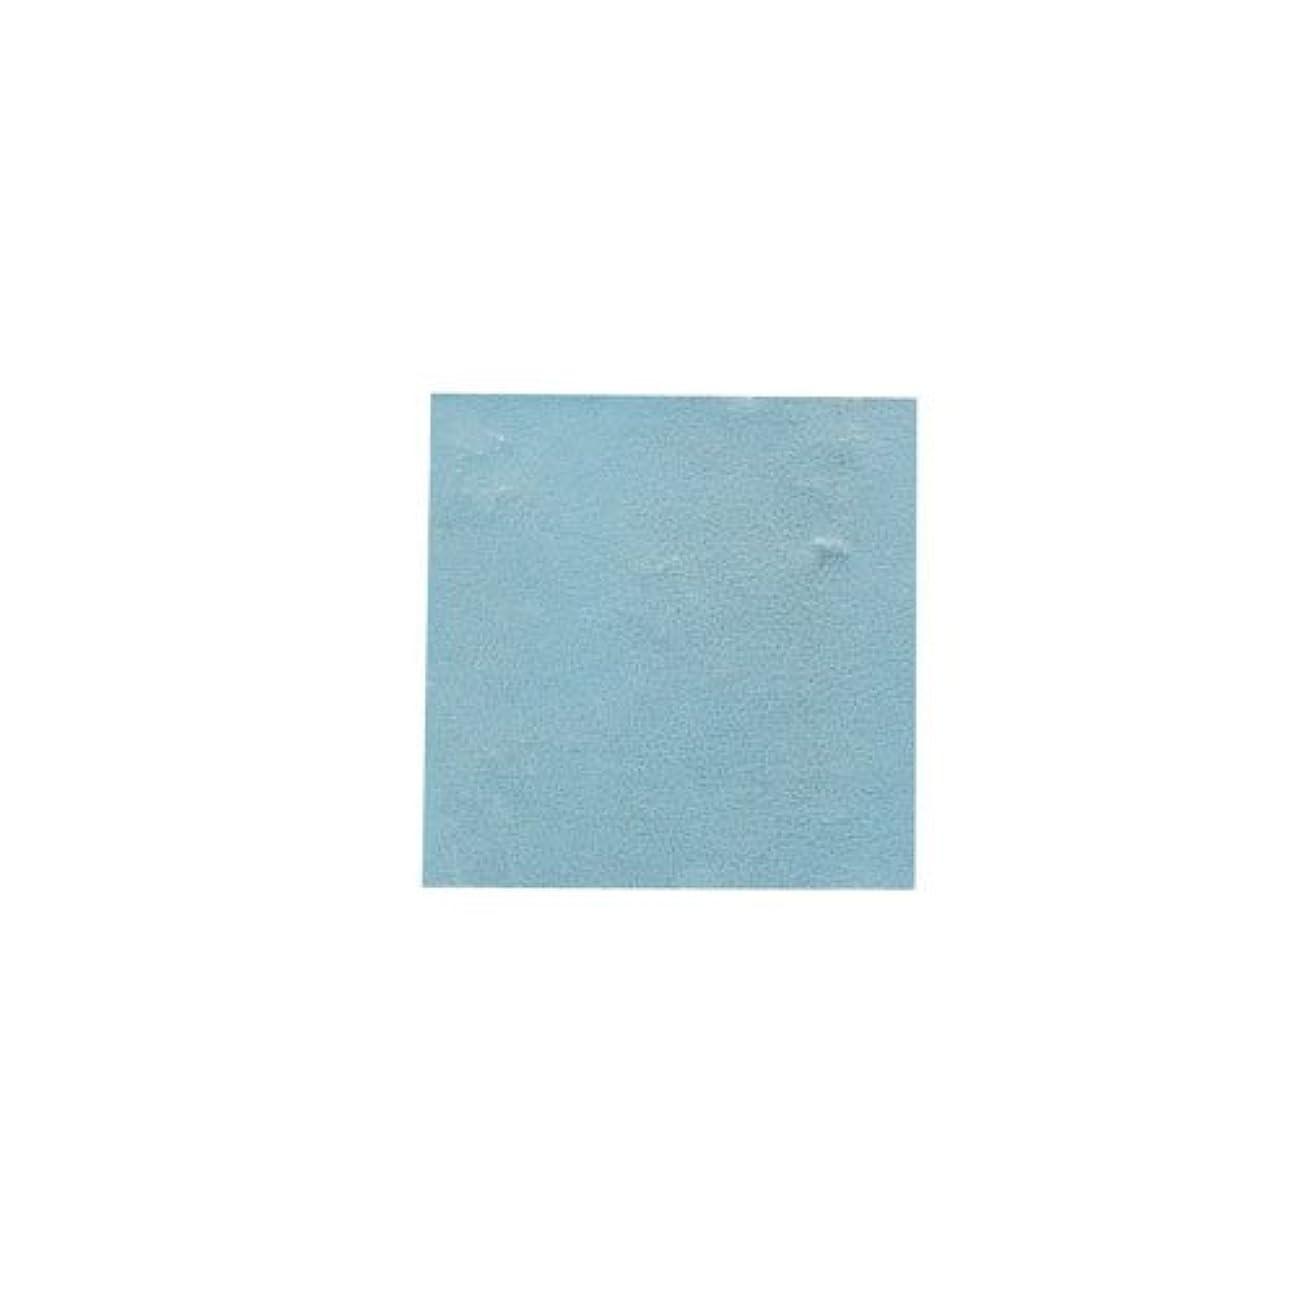 ルアー発明エスカレートピカエース ネイル用パウダー パステル銀箔 #647 パステルブルー 3.5㎜角×5枚